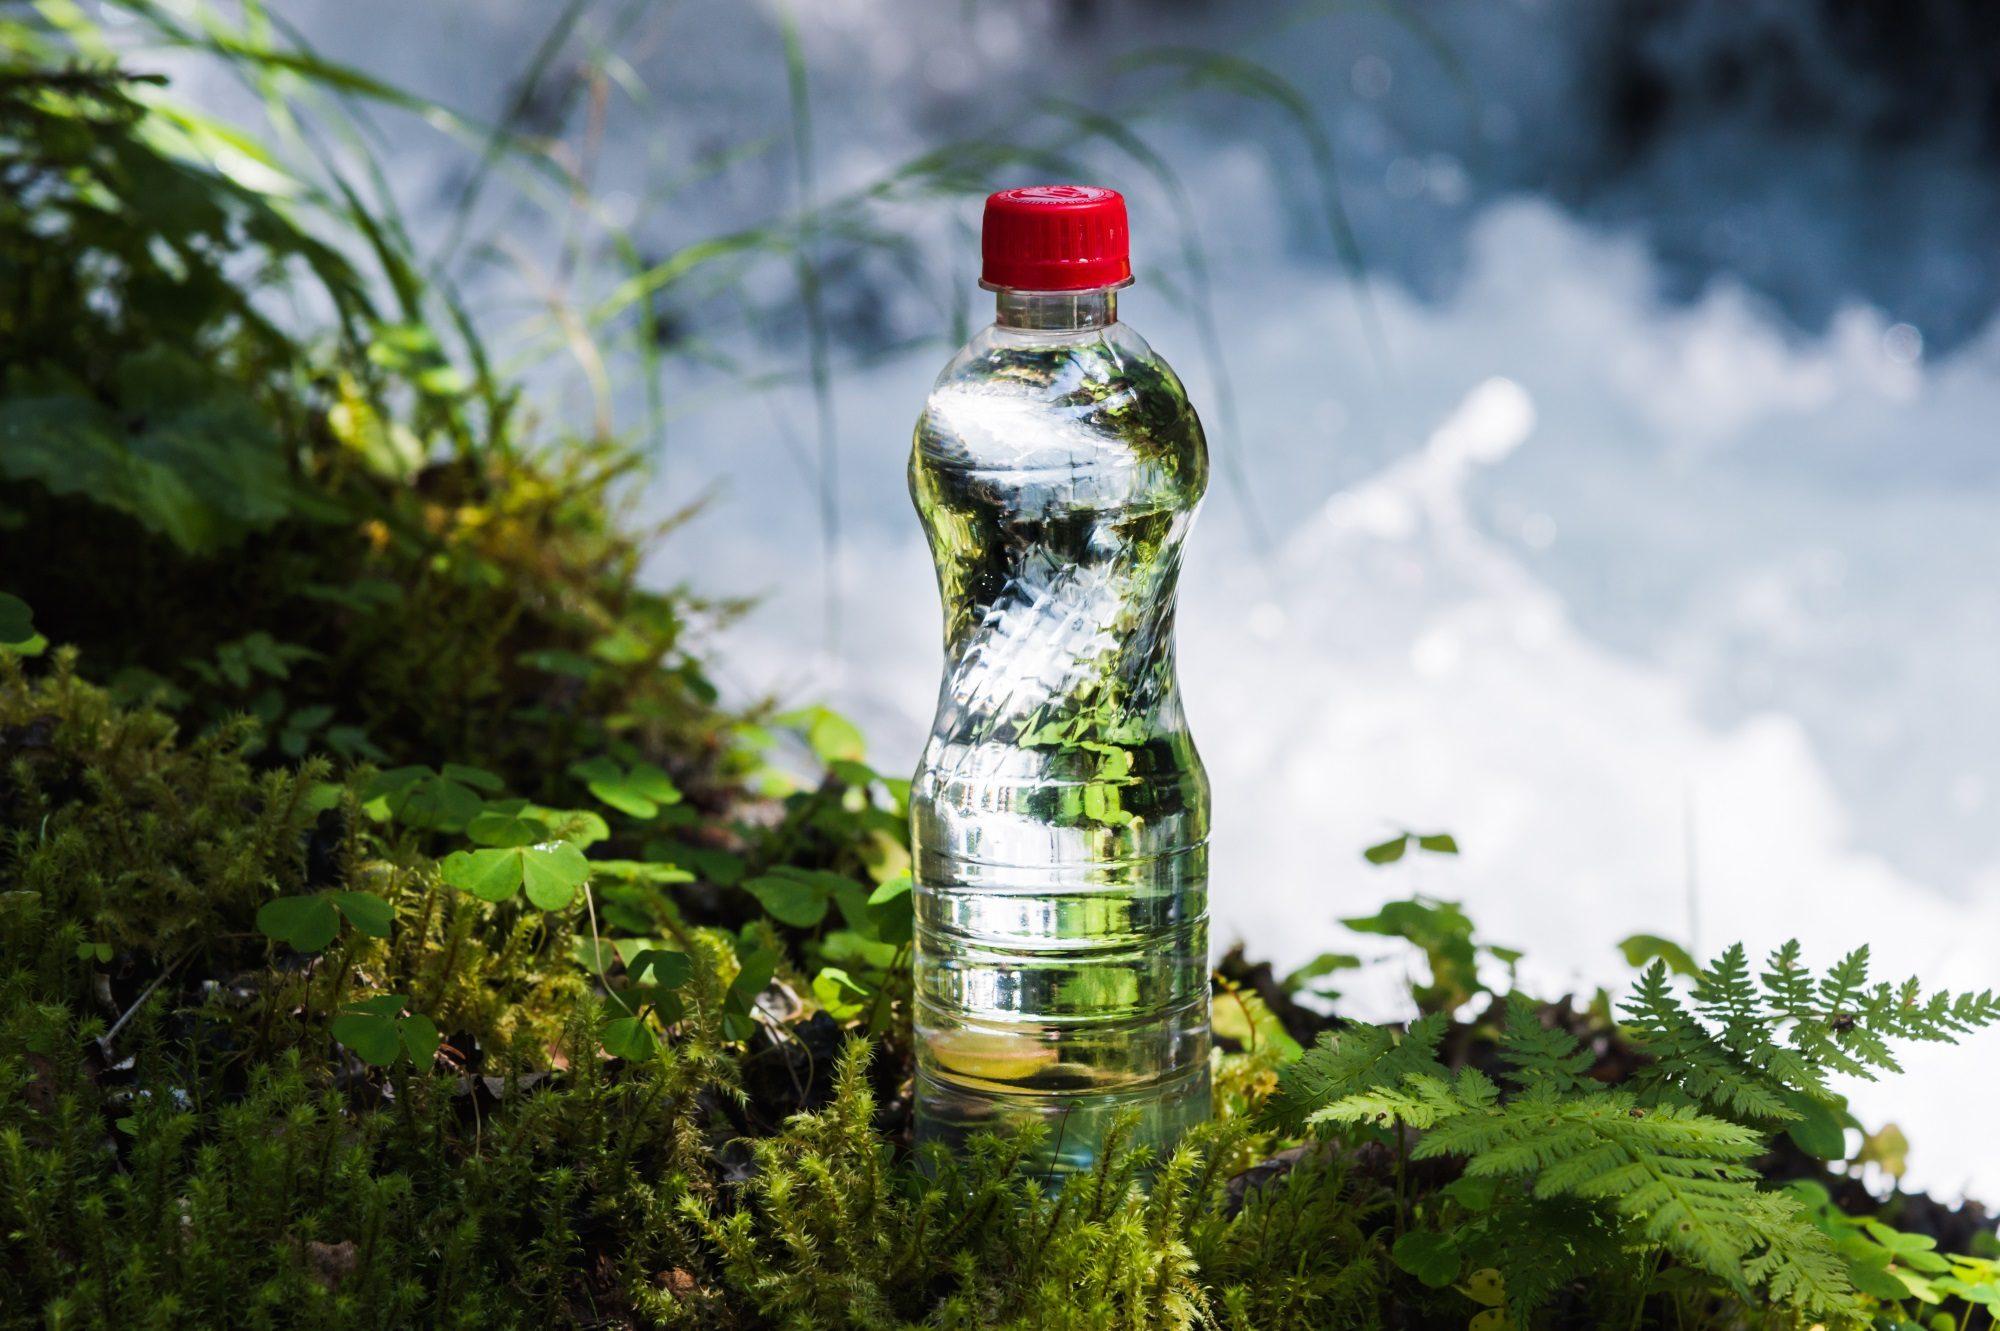 Nachhaltigkeit & Verpackung am Beispiel einer Plastikflasche in der Natur